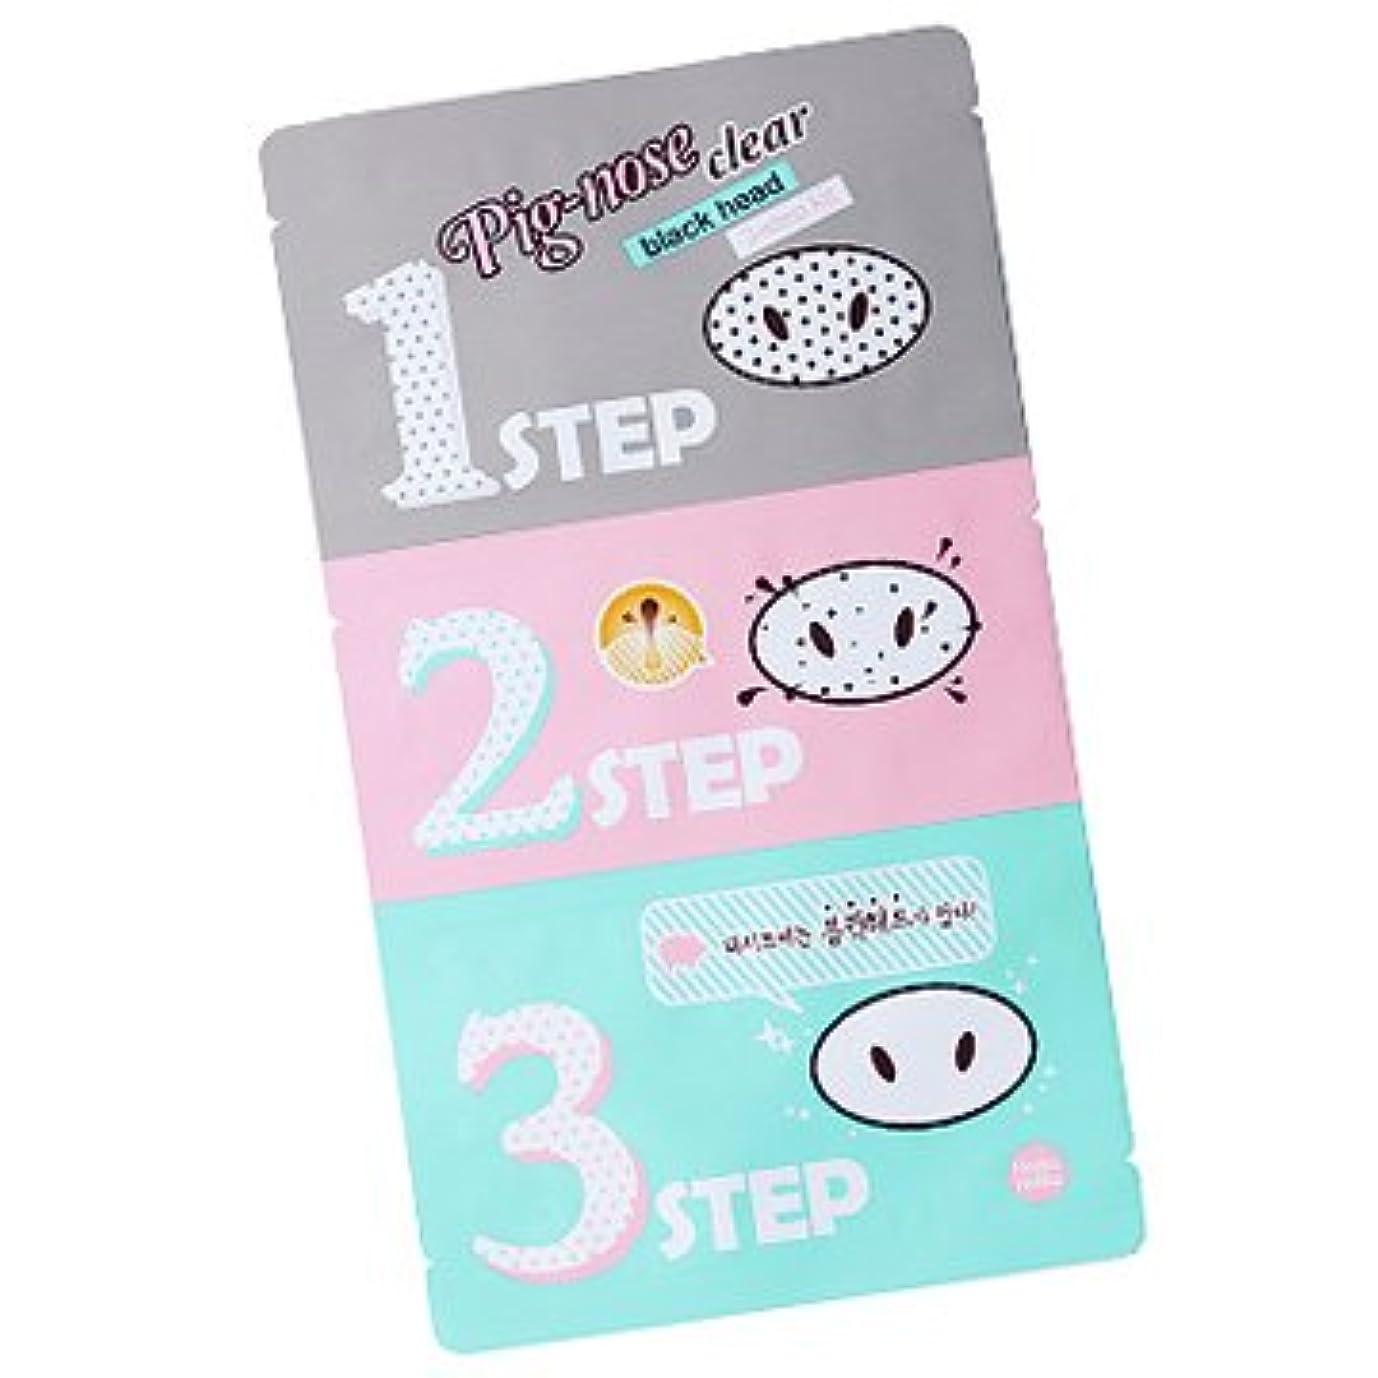 ドメイン学者不毛Holika Holika Pig Nose Clear Black Head 3-Step Kit 5EA (Nose Pack) ホリカホリカ ピグノーズクリアブラックヘッド3-Stepキット(鼻パック) 5pcs...